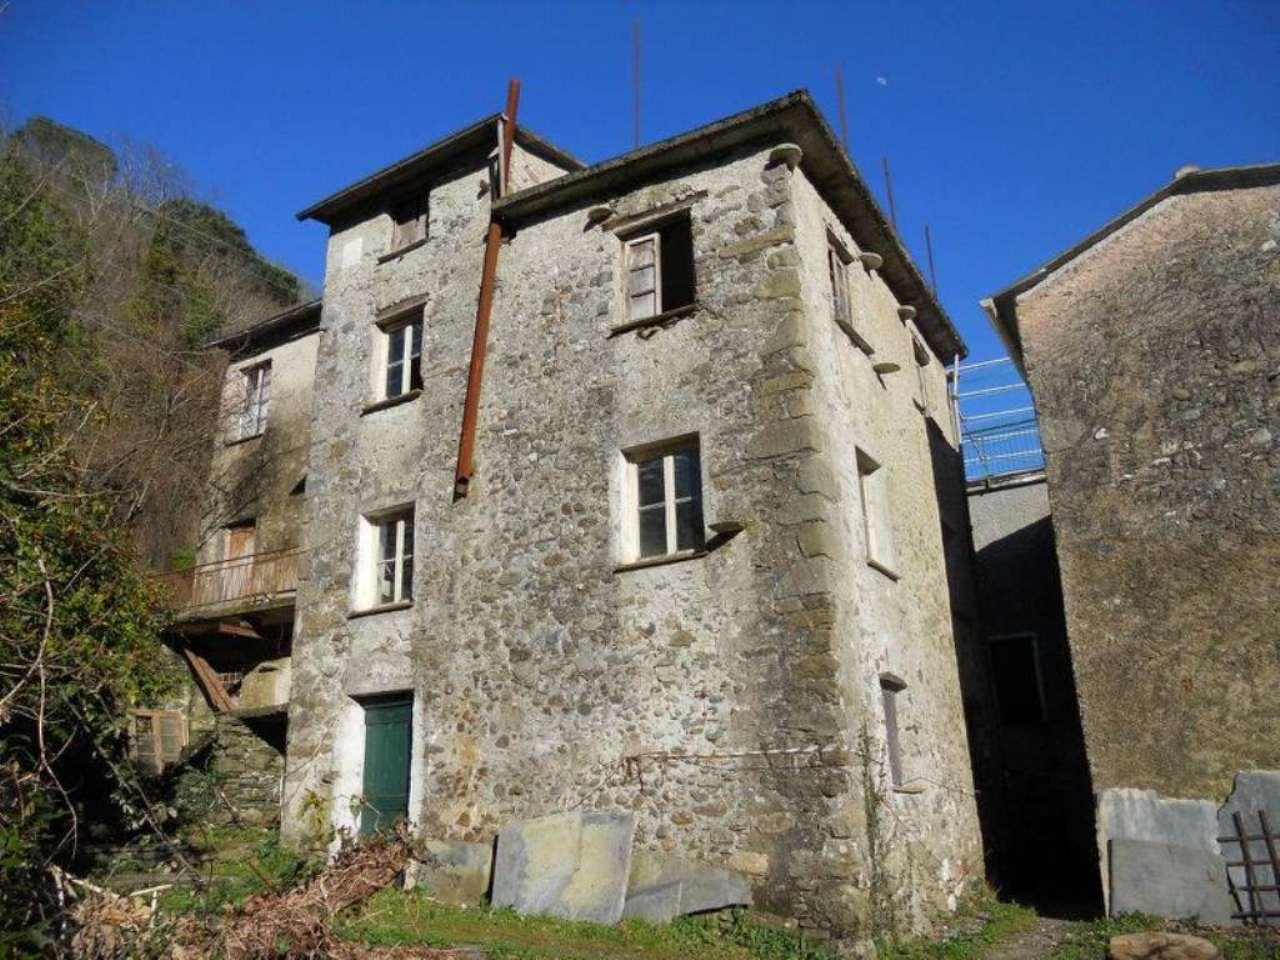 Rustico / Casale in vendita a San Colombano Certenoli, 7 locali, prezzo € 70.000 | CambioCasa.it